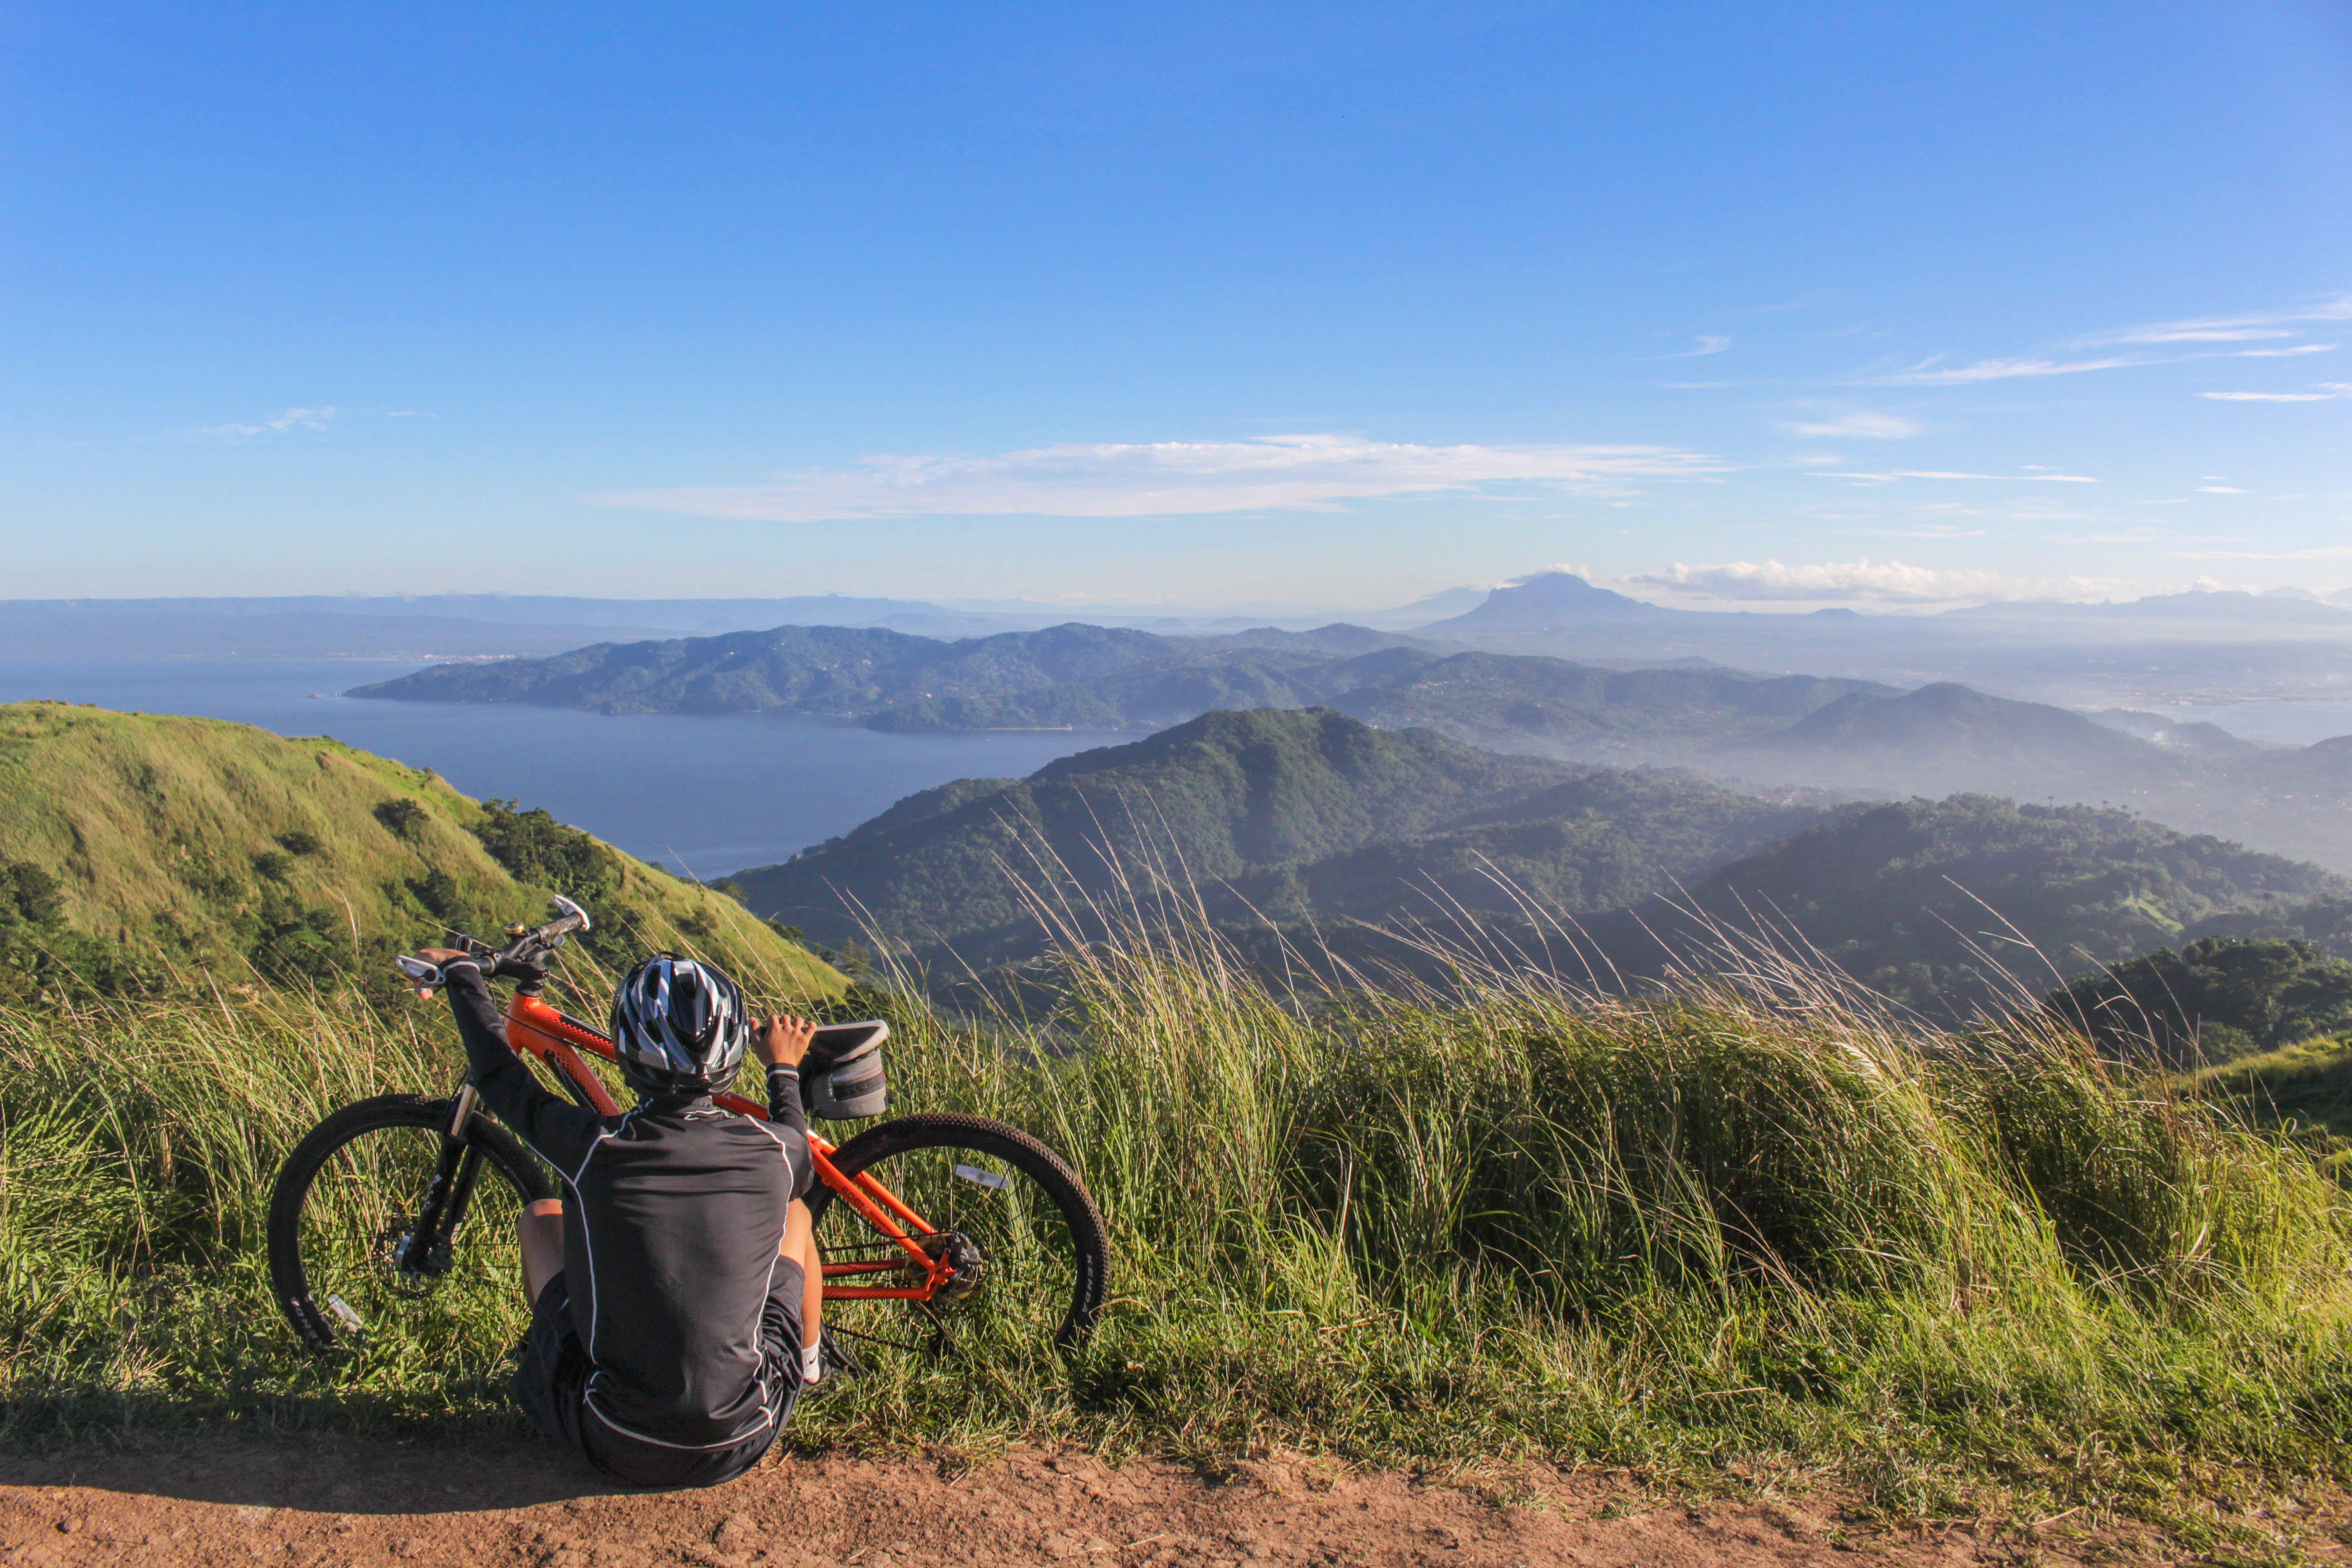 Δωρεάν στοκ φωτογραφιών με background, mountain bike, άθλημα, αναπαύομαι